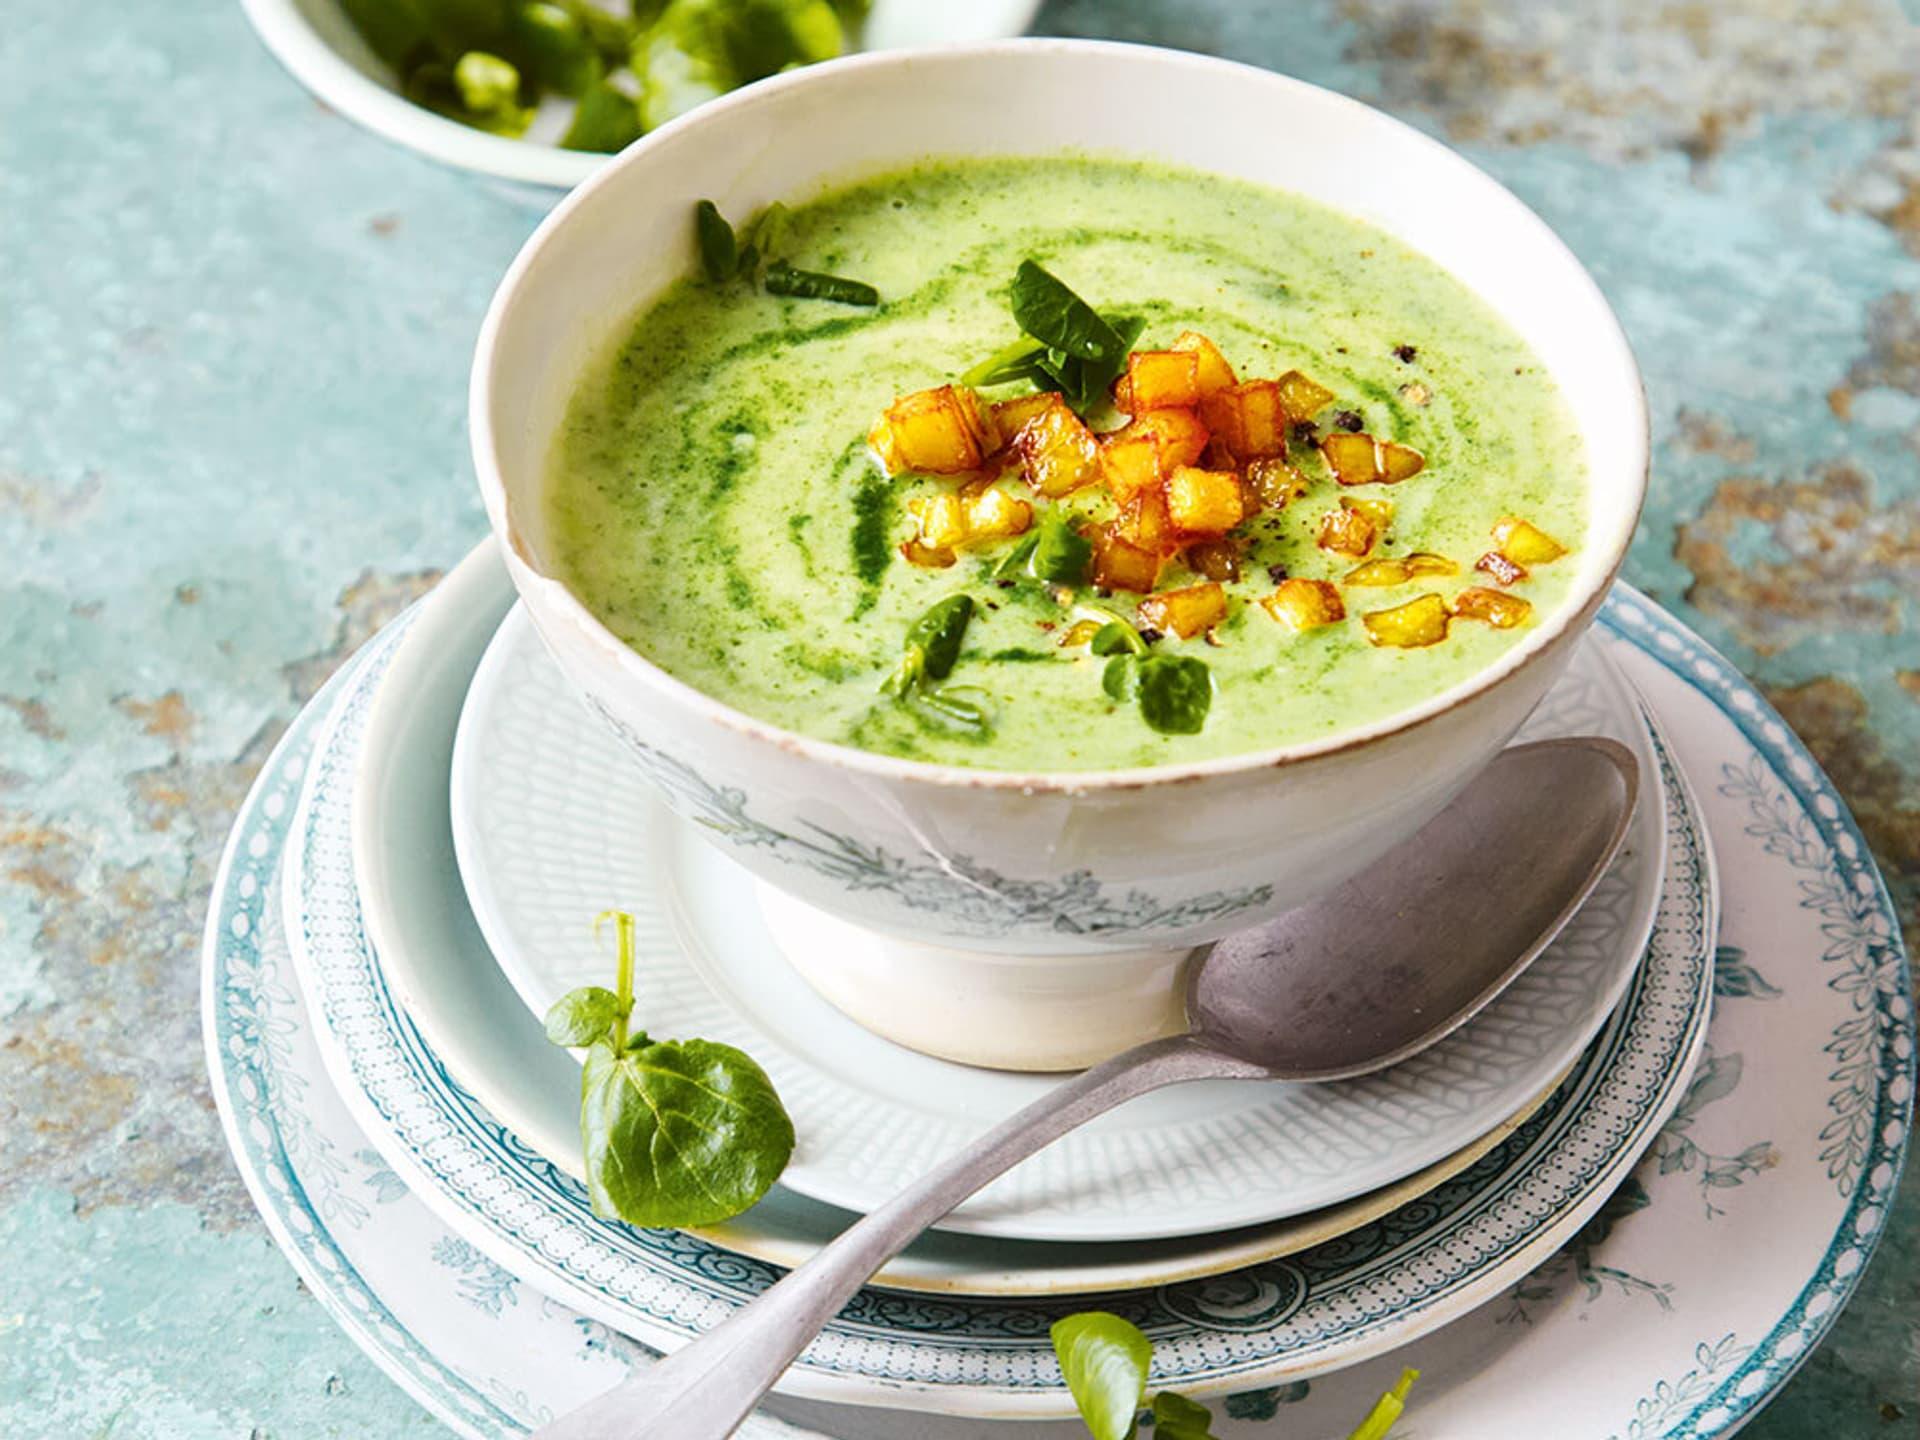 Eine grüne Suppe mit Croutons